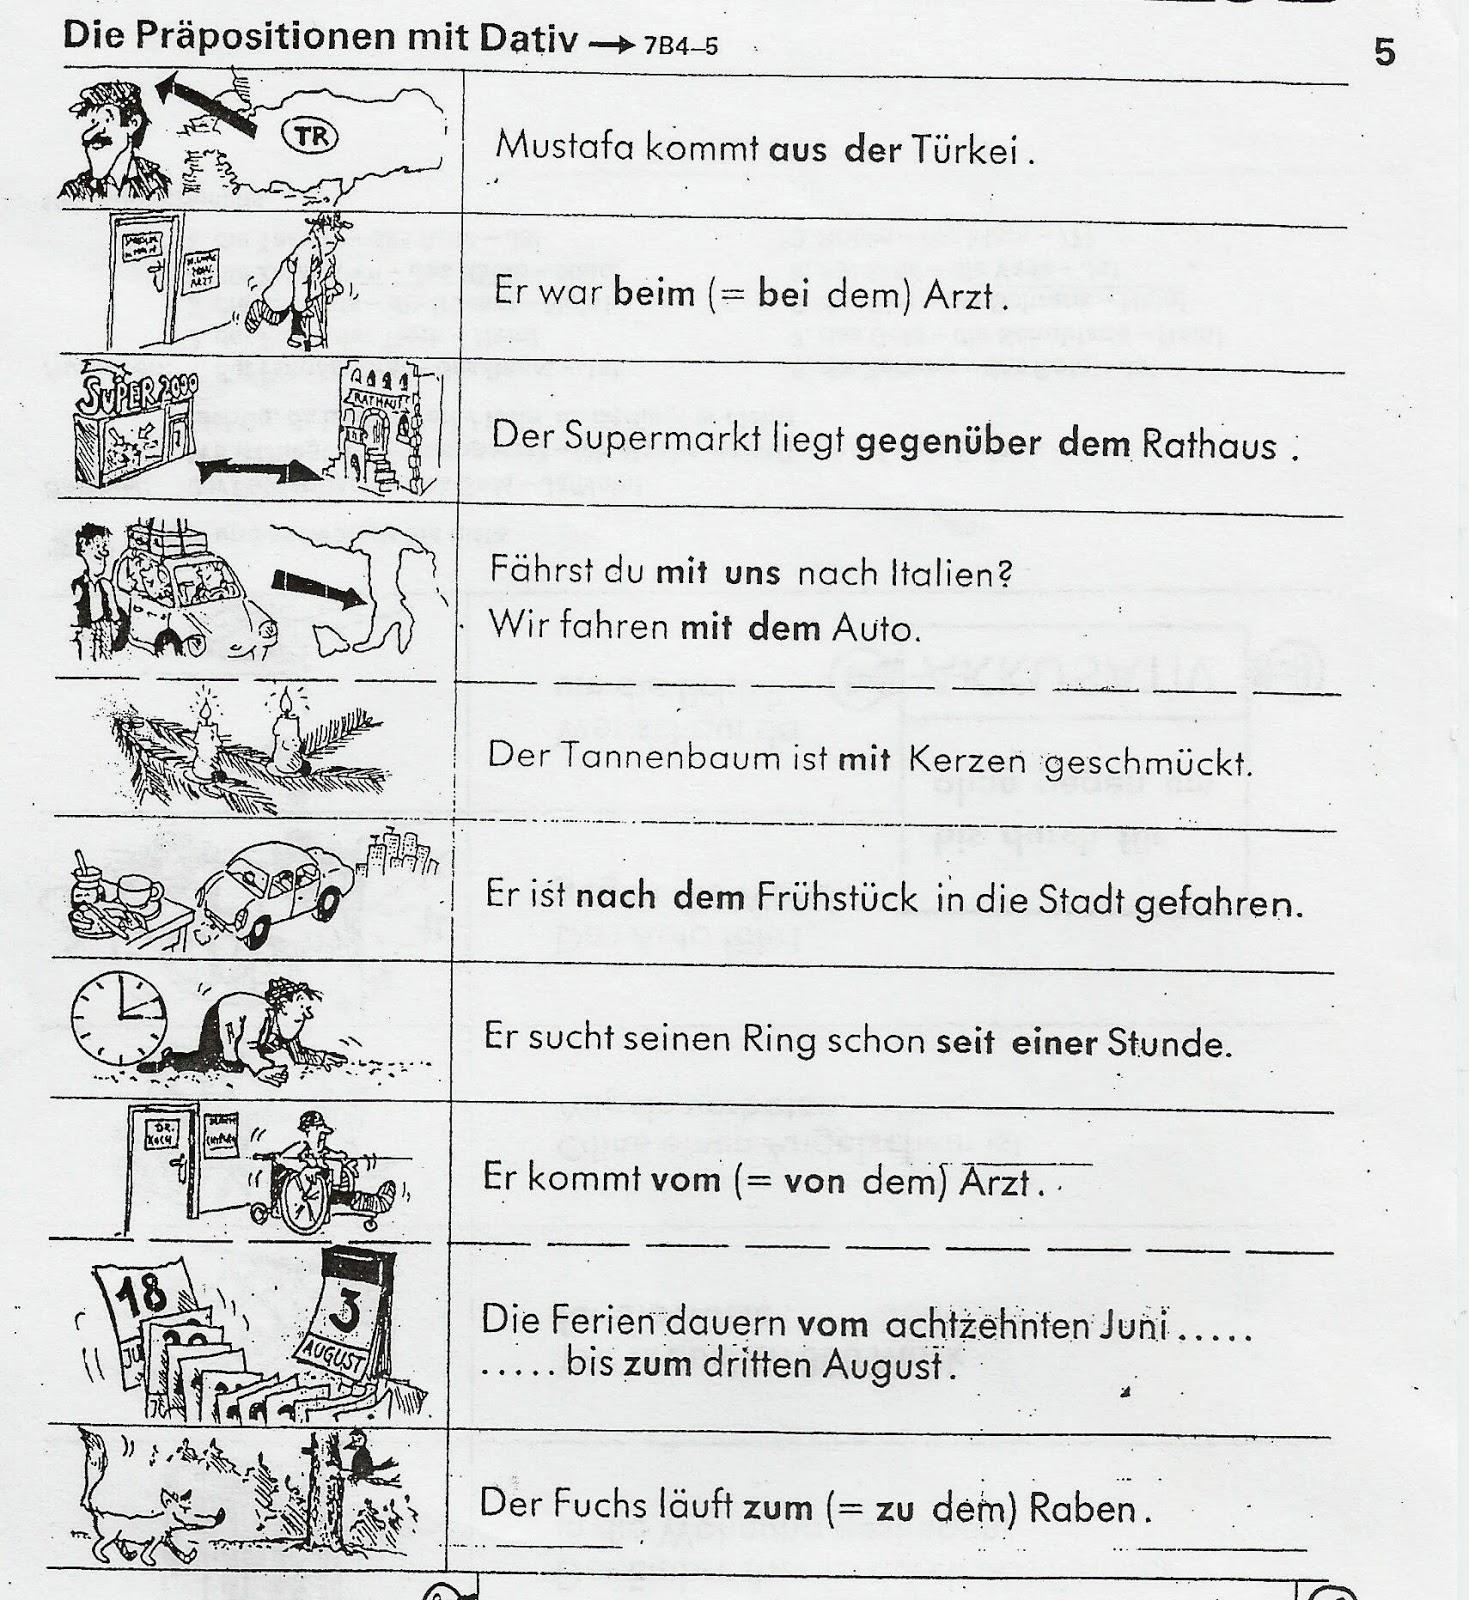 Deutsch ist sch n kommt 1 kurs pr positionen for Prapositionen mit akkusativ